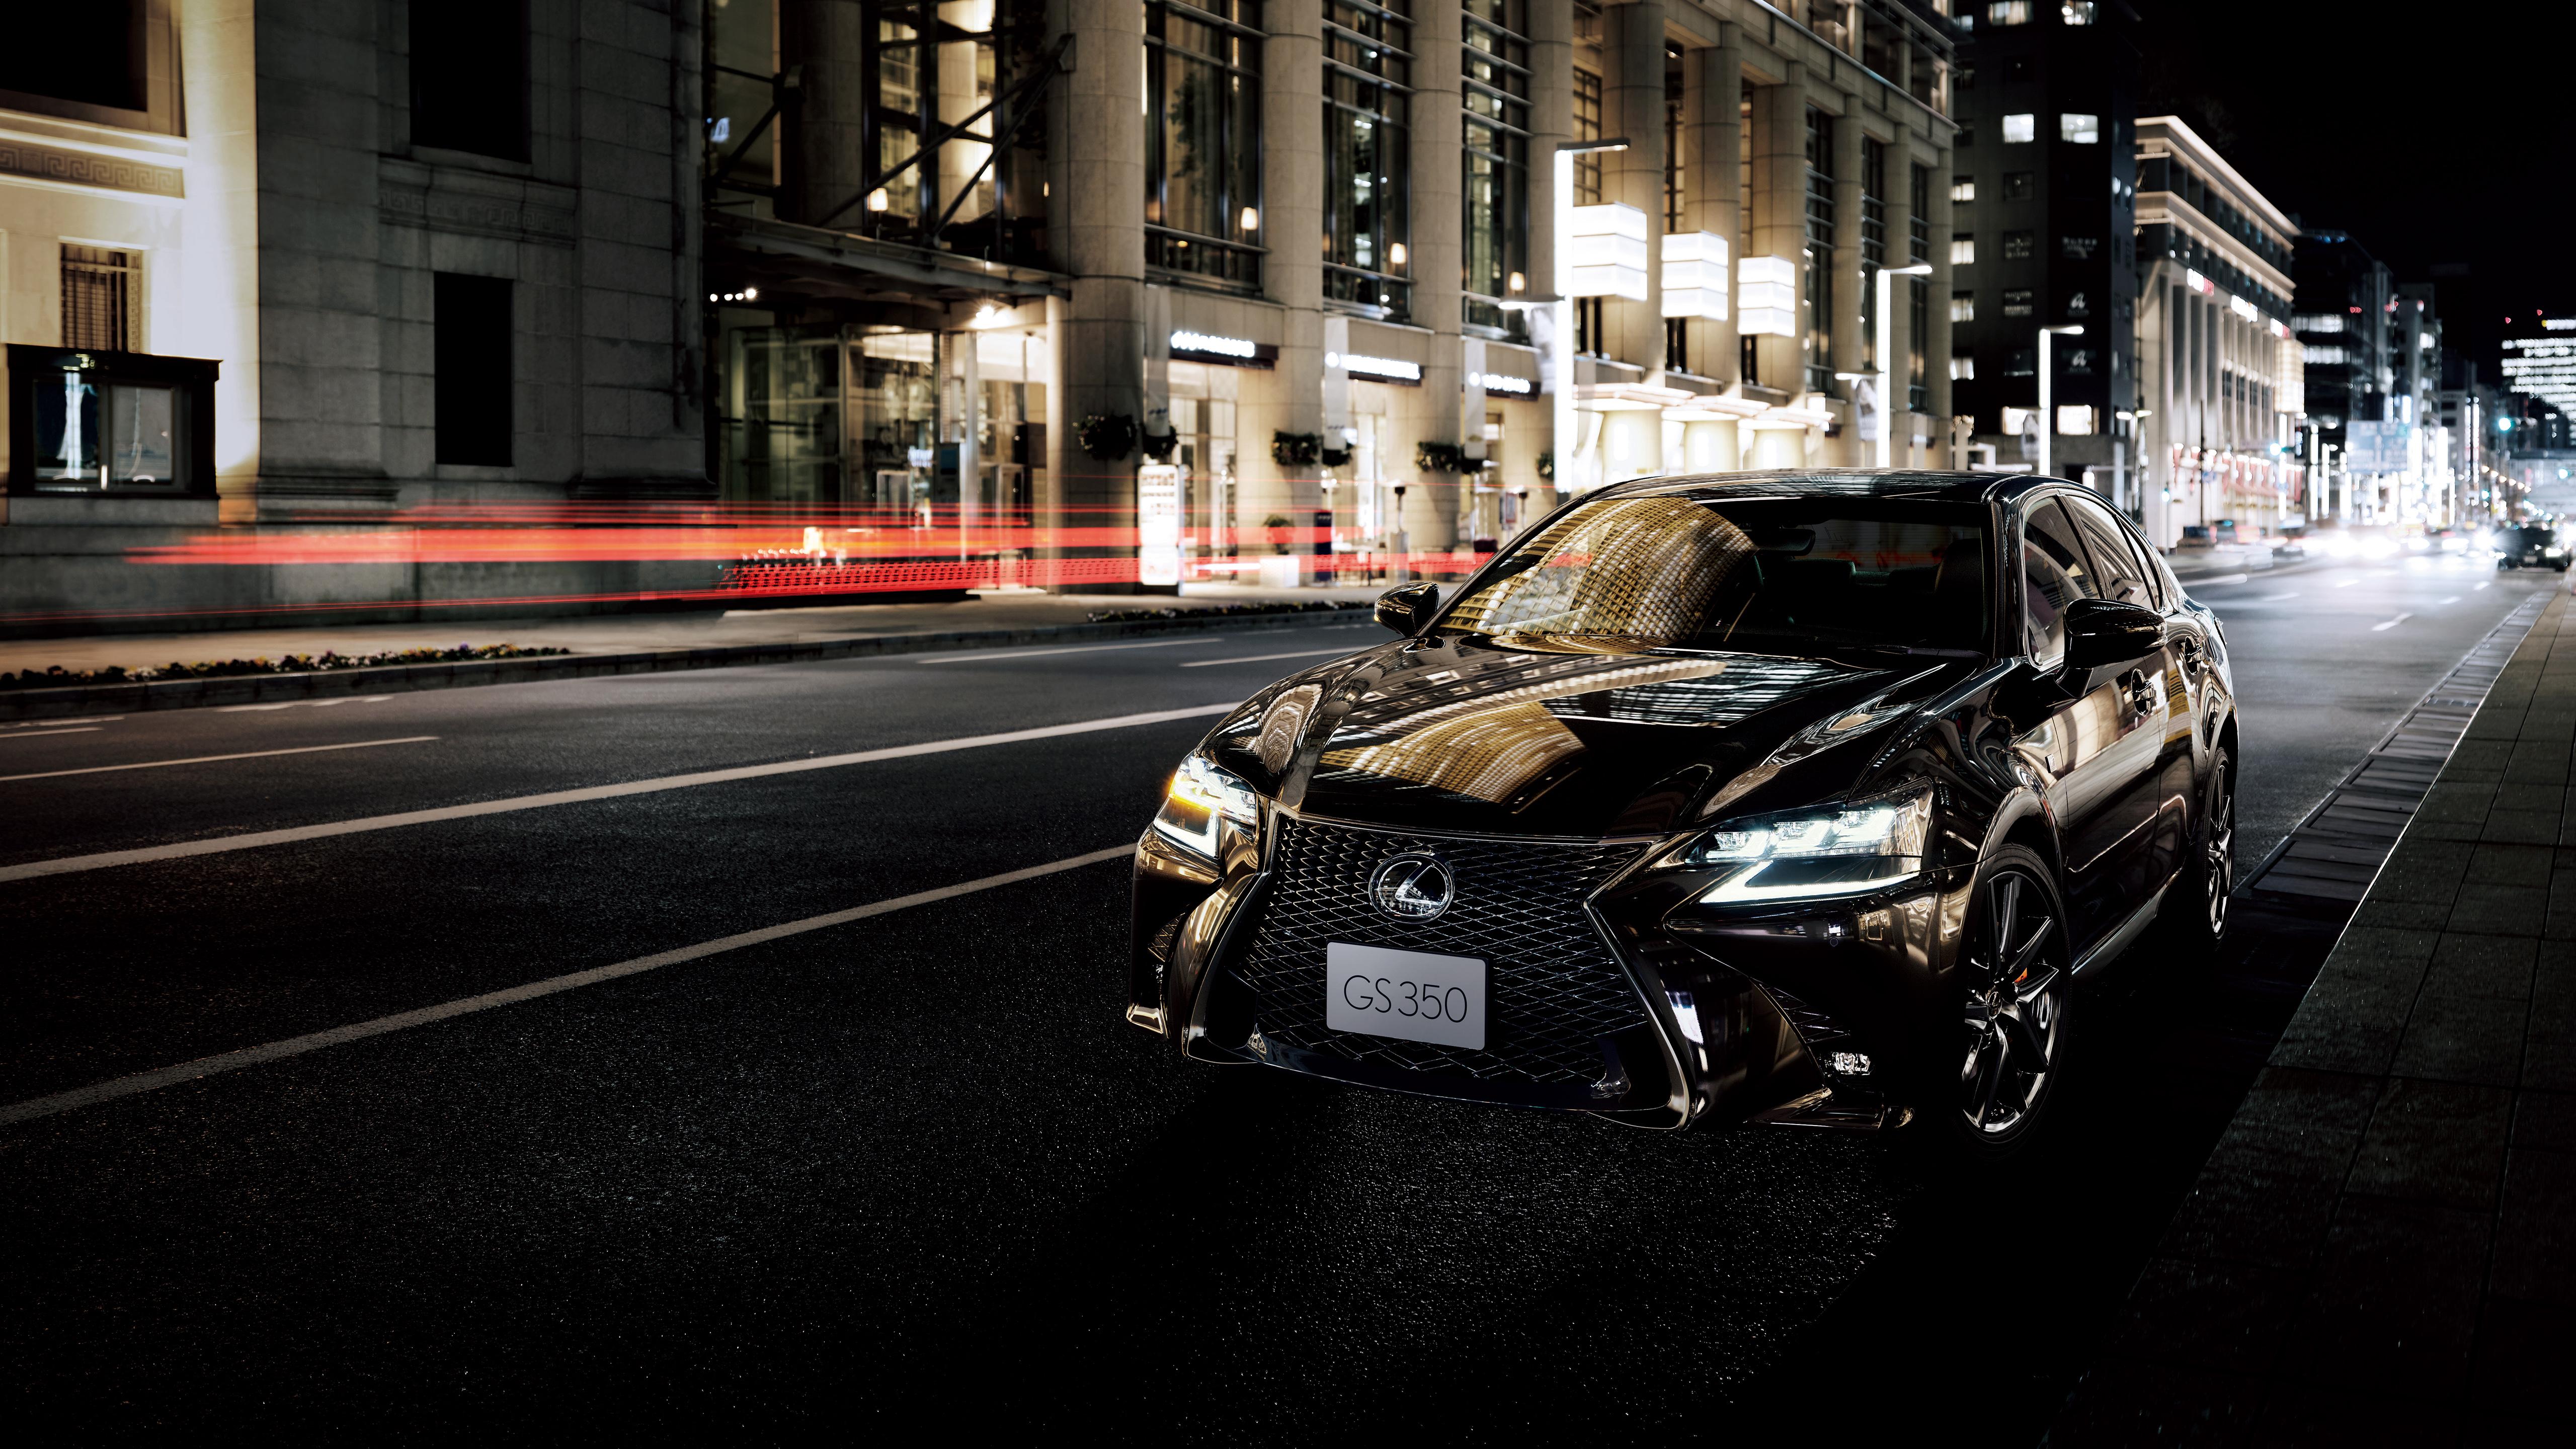 Lexus Gs 350 Eternal Touring 2020 5k 2 Wallpaper Hd Car Wallpapers Id 14801